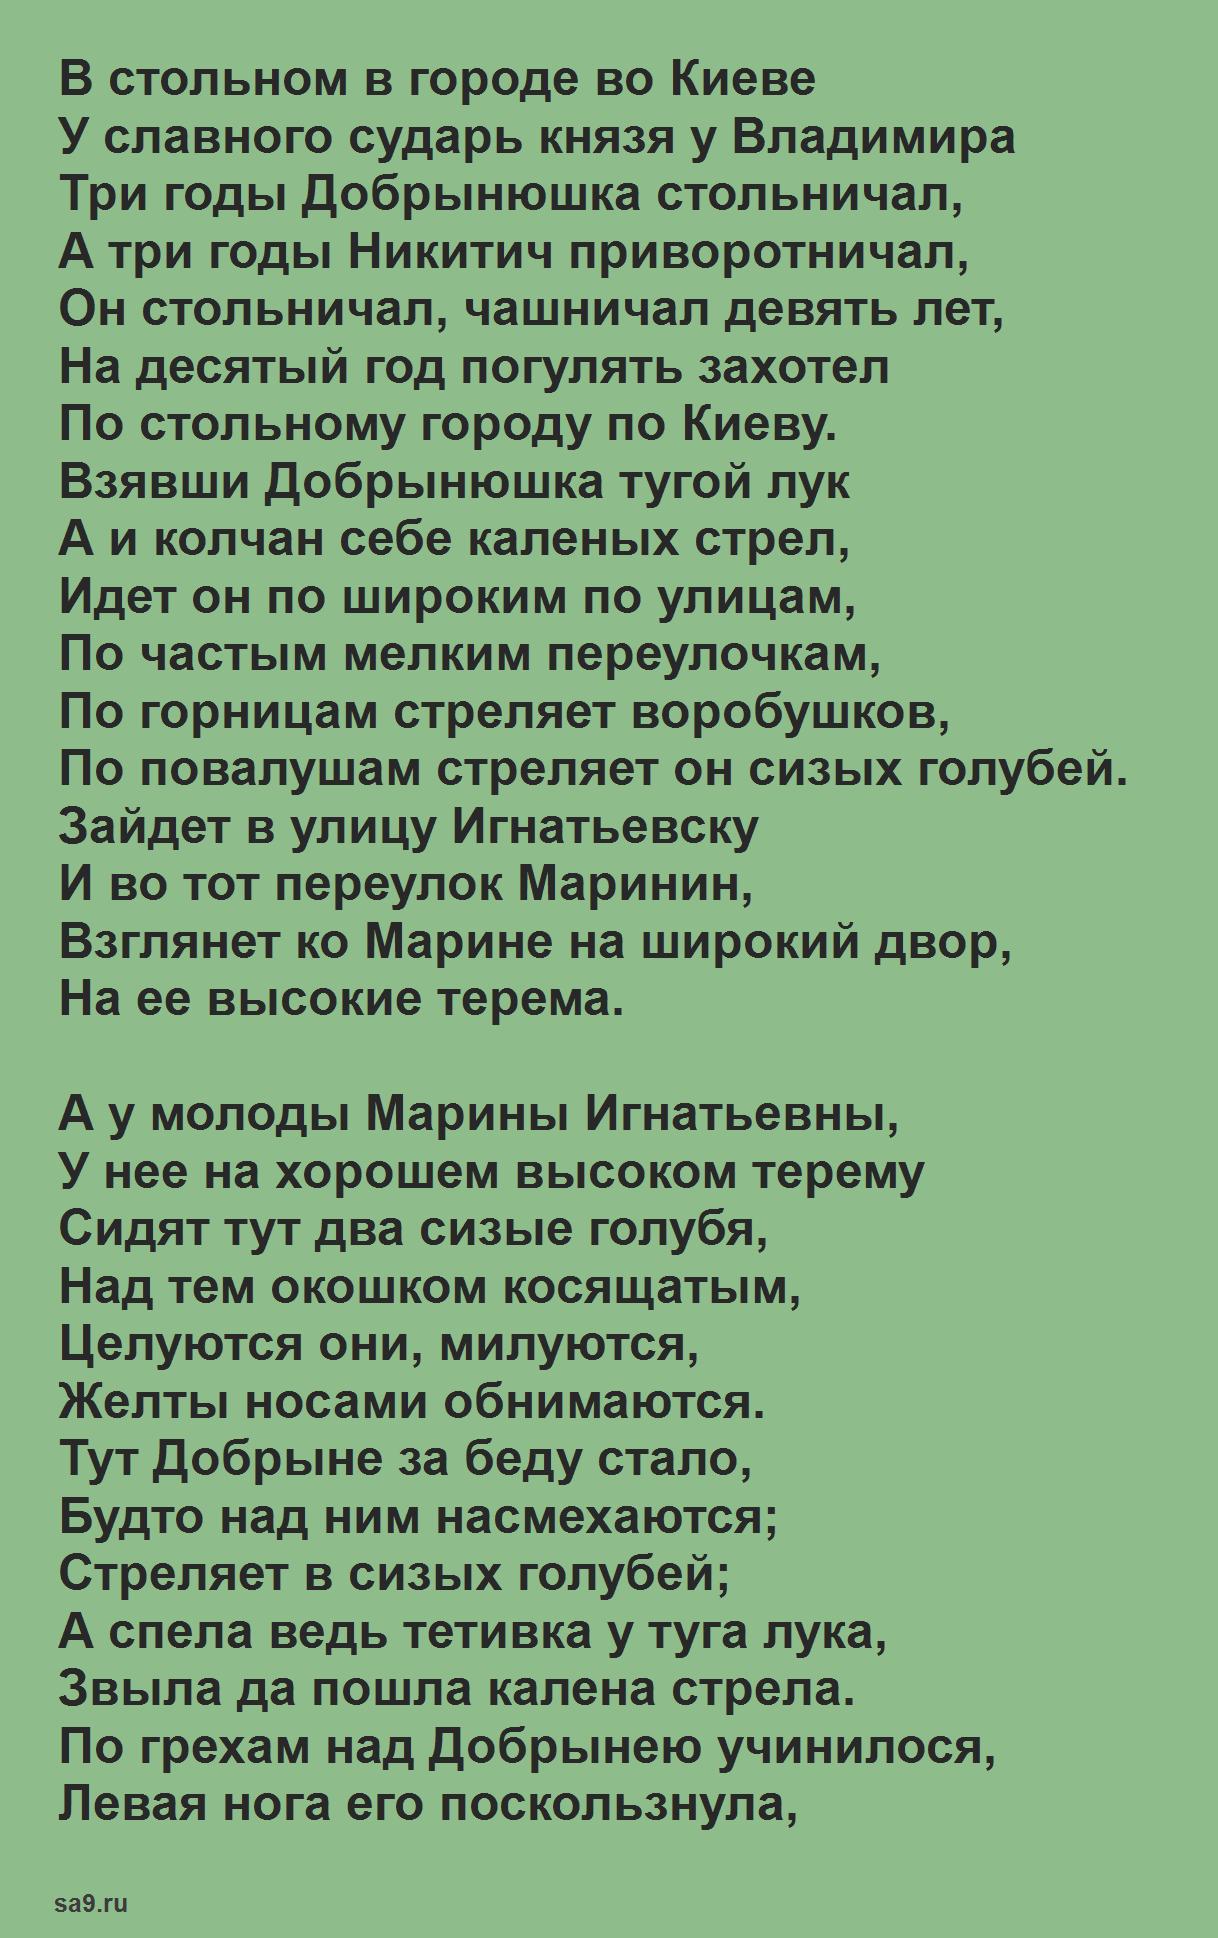 Былина - Добрыня и Маринка